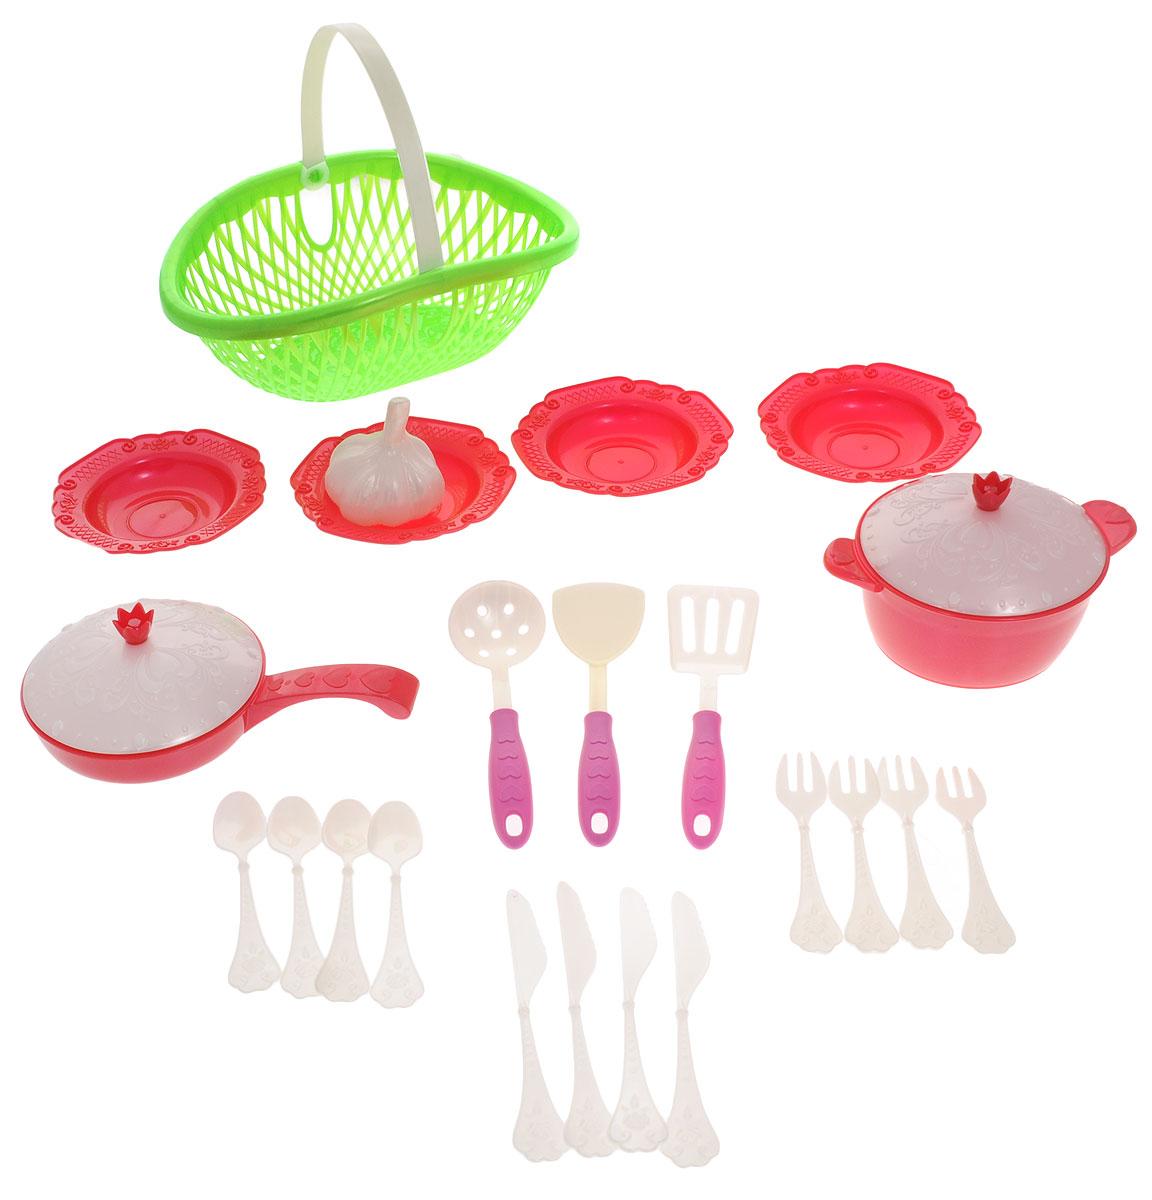 Нордпласт Игрушечный набор посуды Кухонный сервиз Волшебная хозяюшка цвет зеленый красный